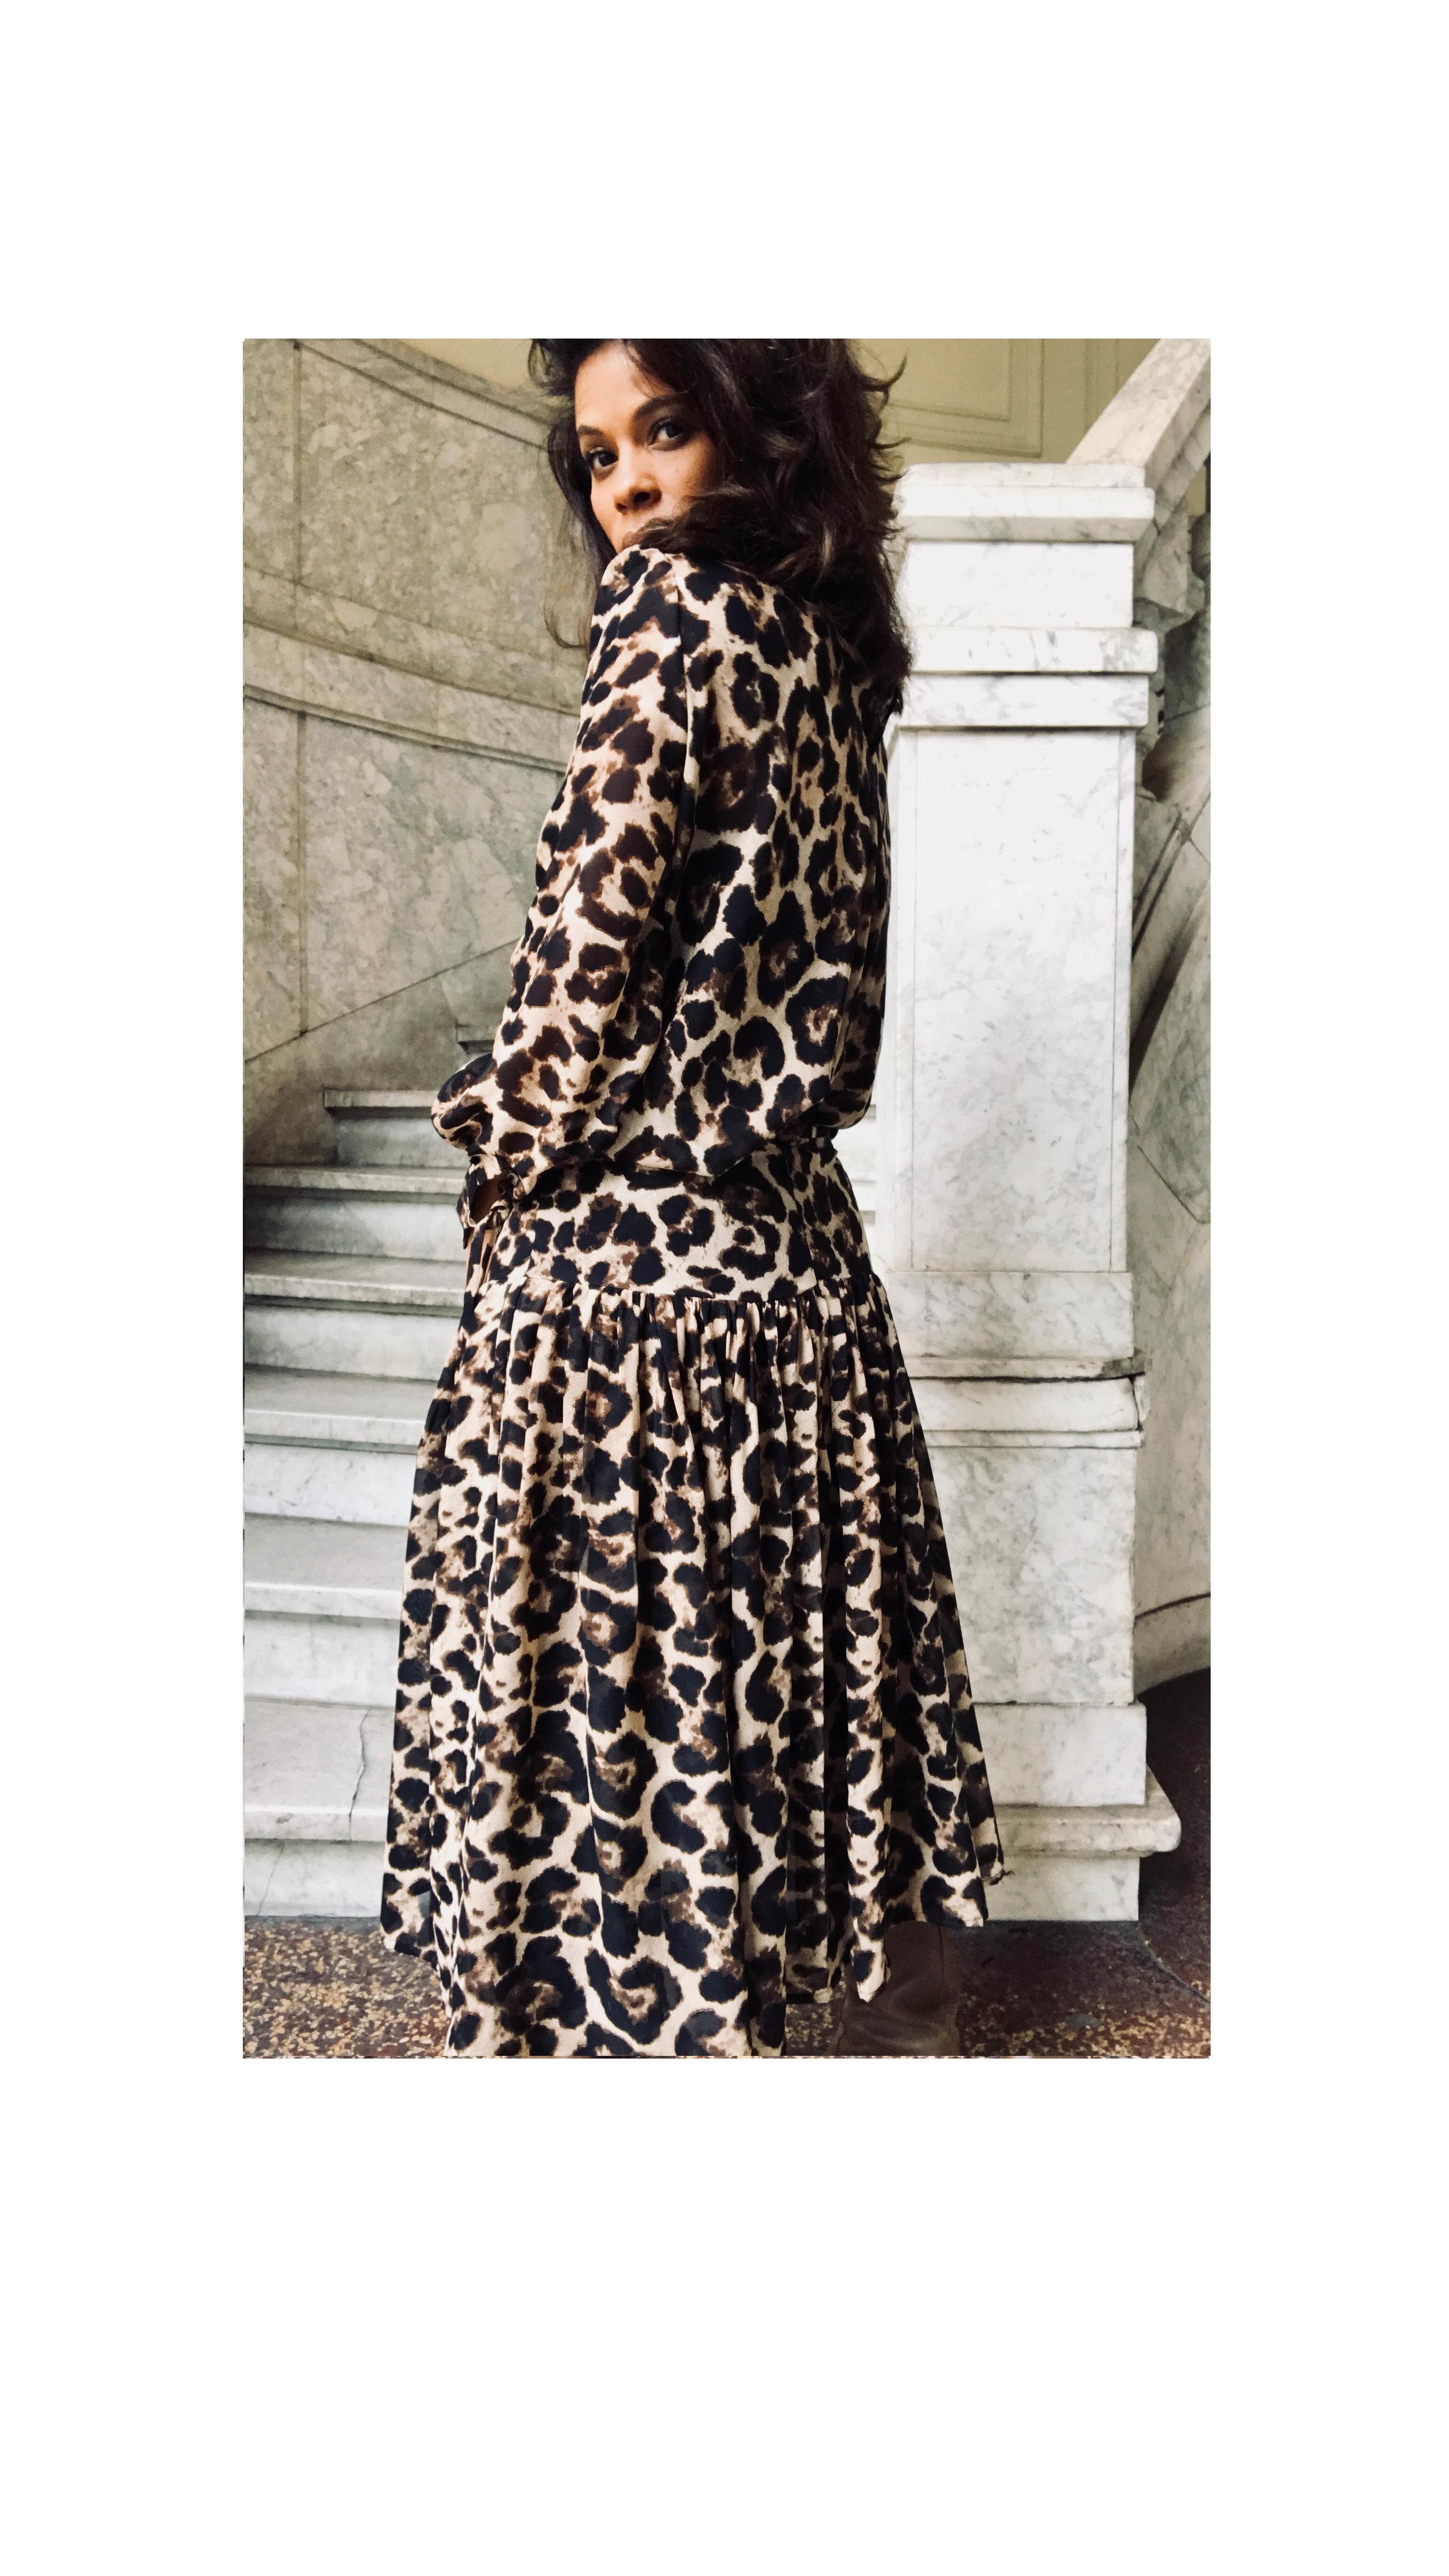 Leopard wijde Rok - Shop the Look